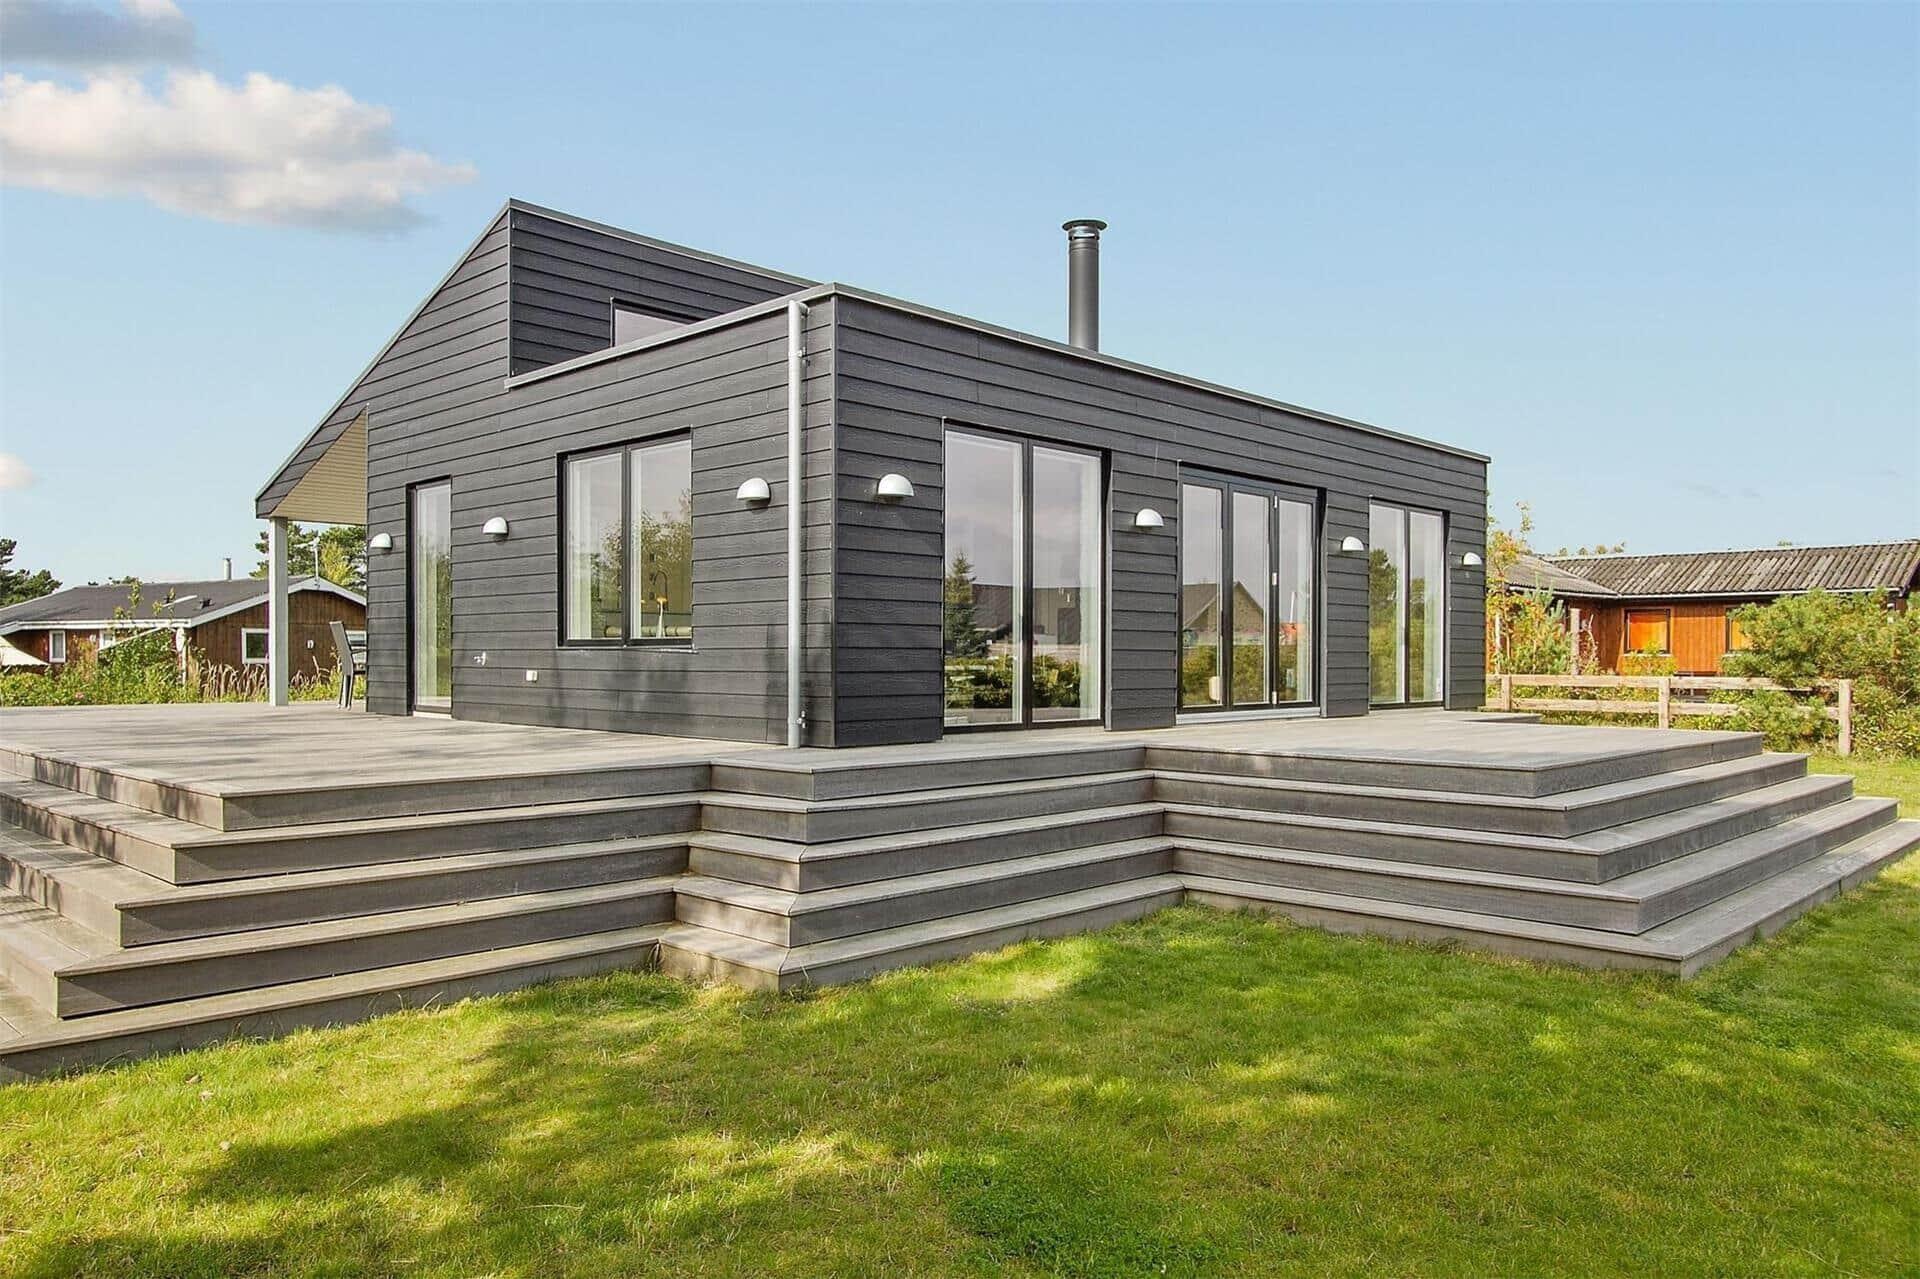 Billede 1-19 Sommerhus 40313, As Strandby 15, DK - 7130 Juelsminde